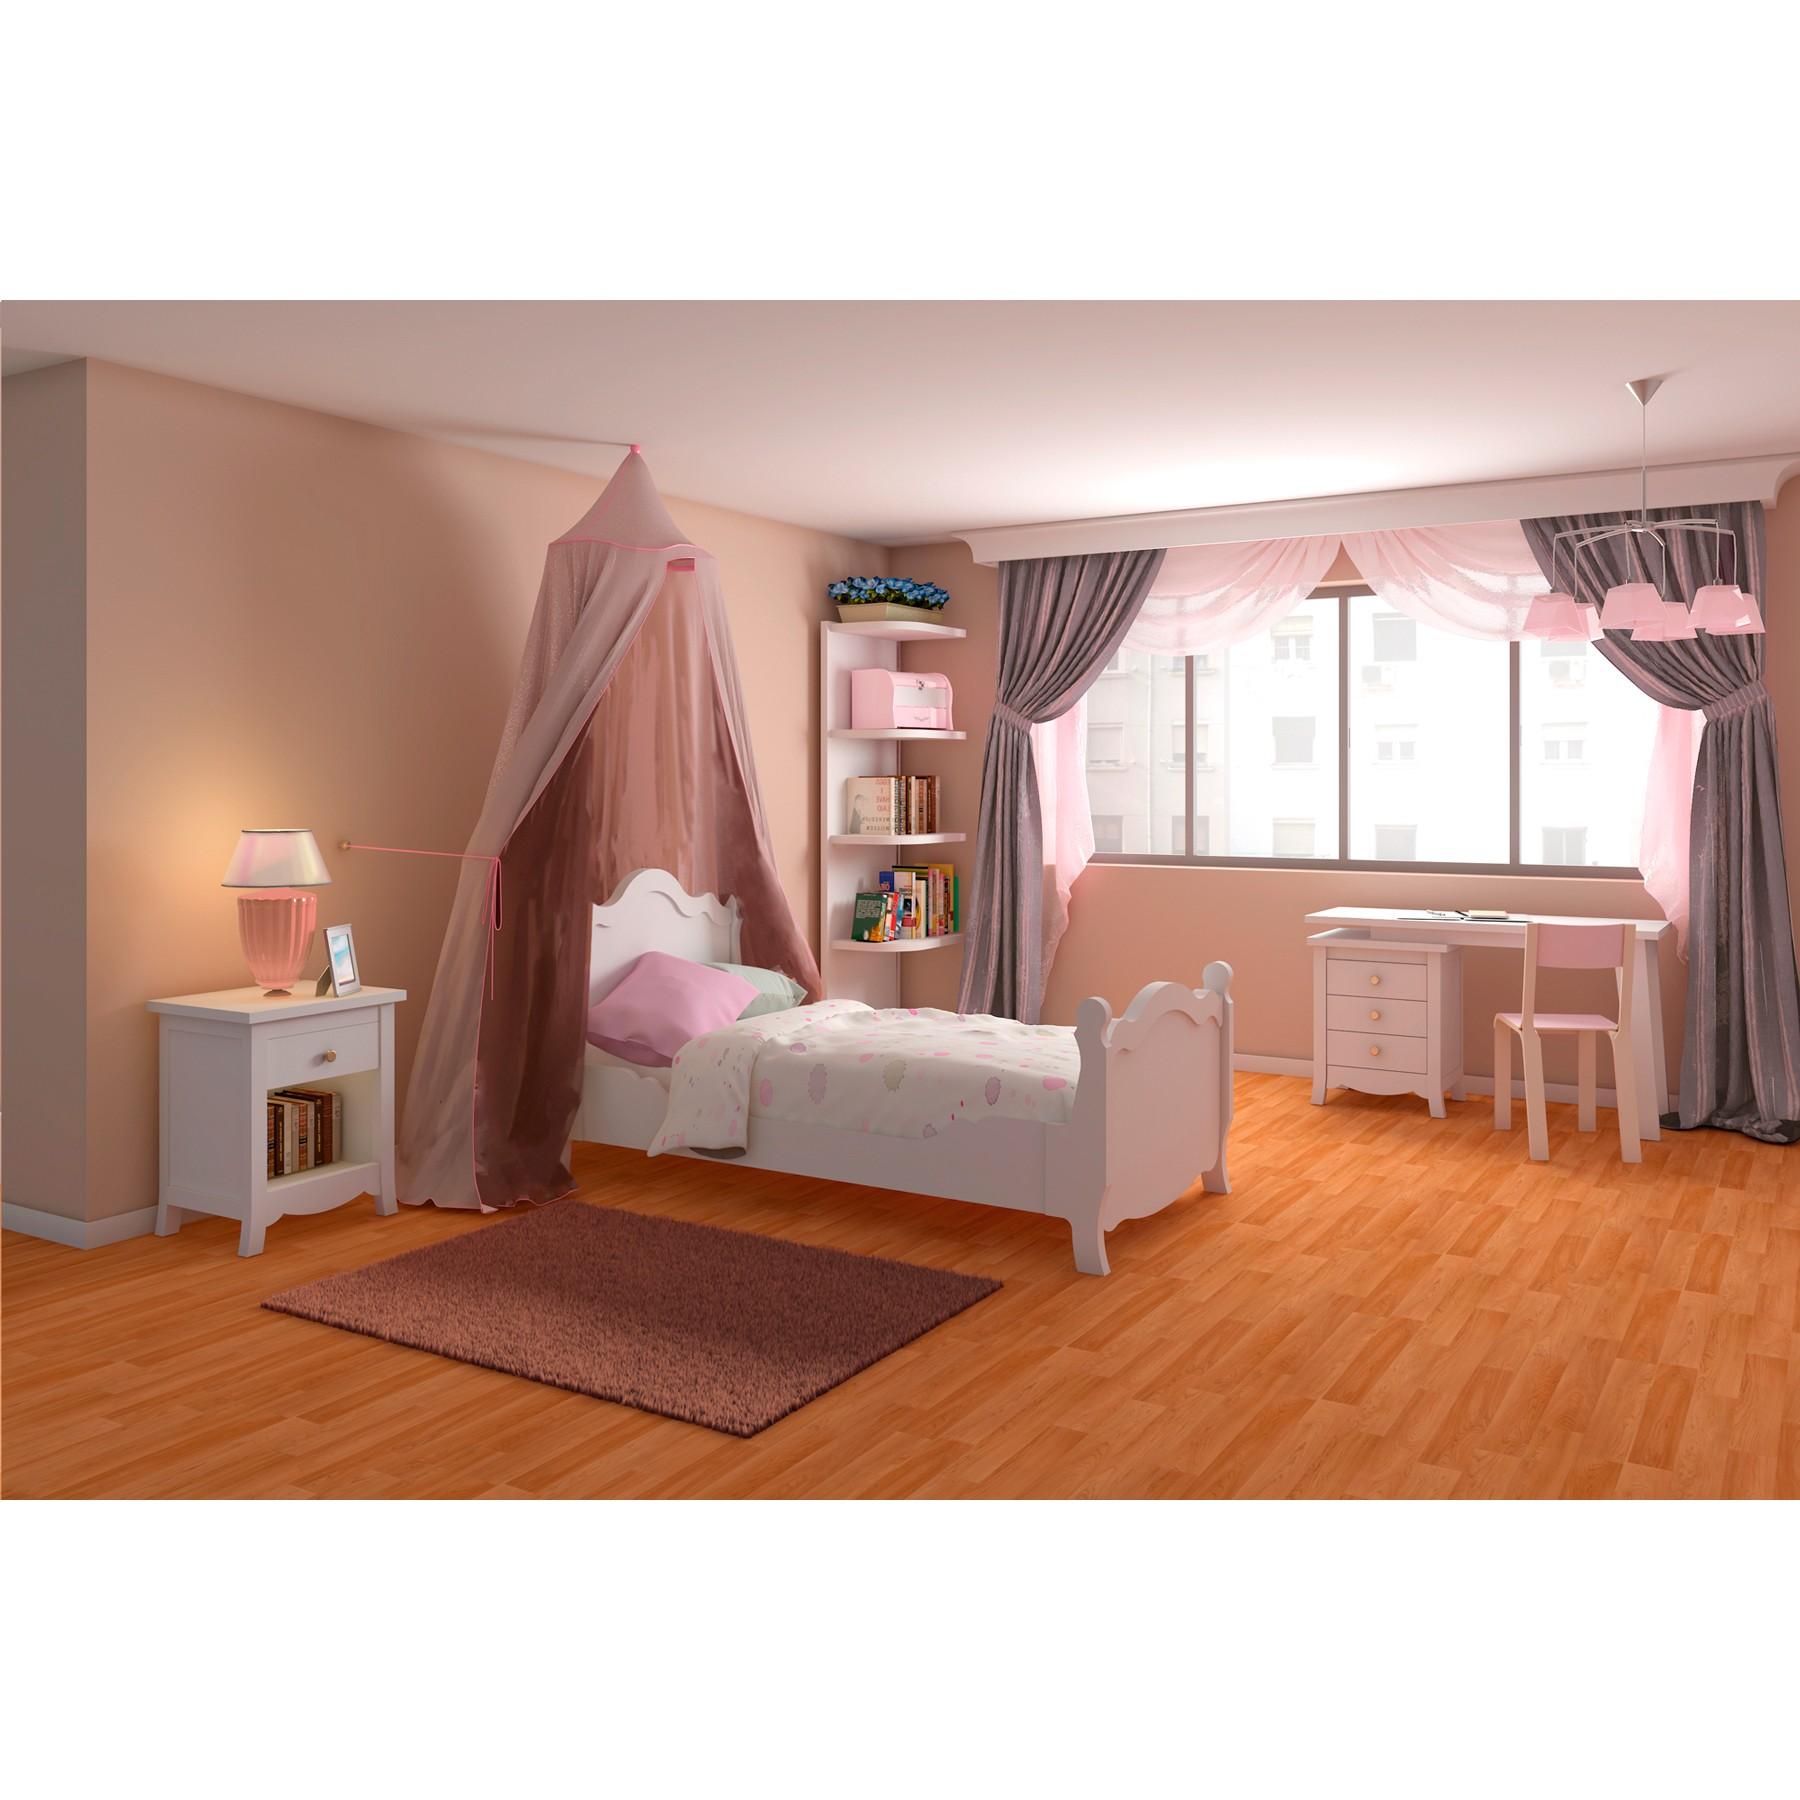 Cabecero de cama juvenil dise o toscana for Espejo dormitorio juvenil